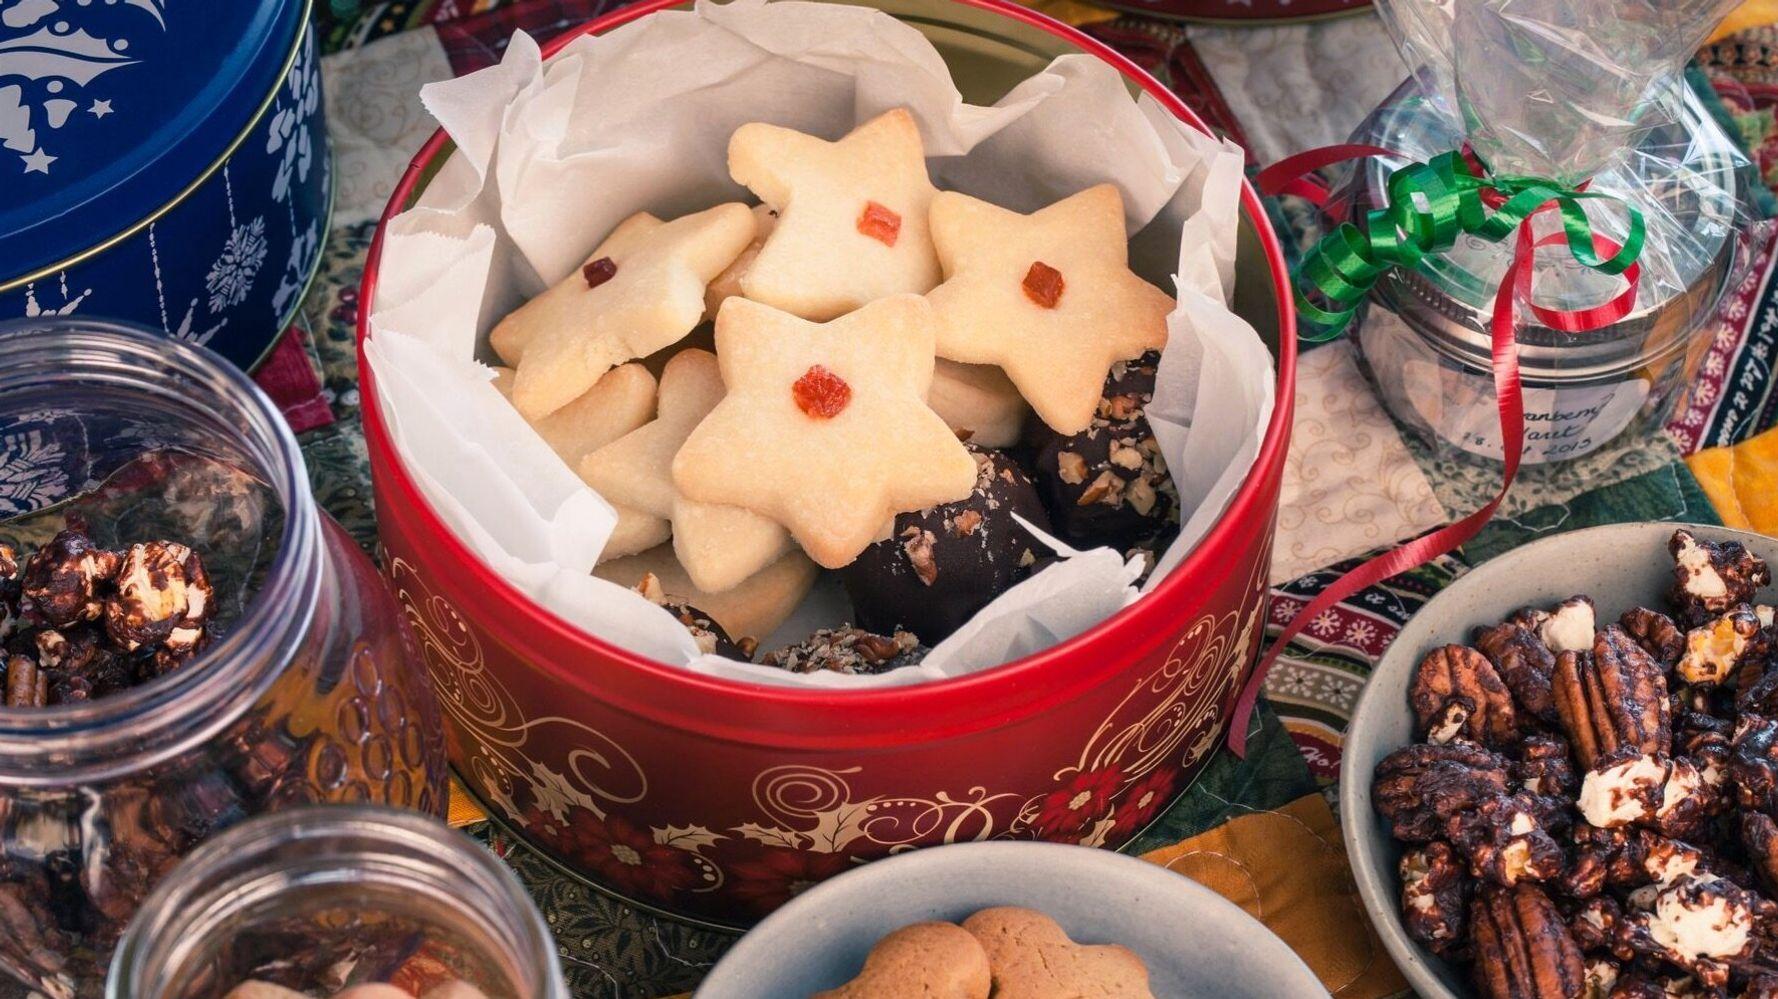 クリスマスプレゼントにおすすめのラッピング術。 お洒落でゴミを出さない7つ方法